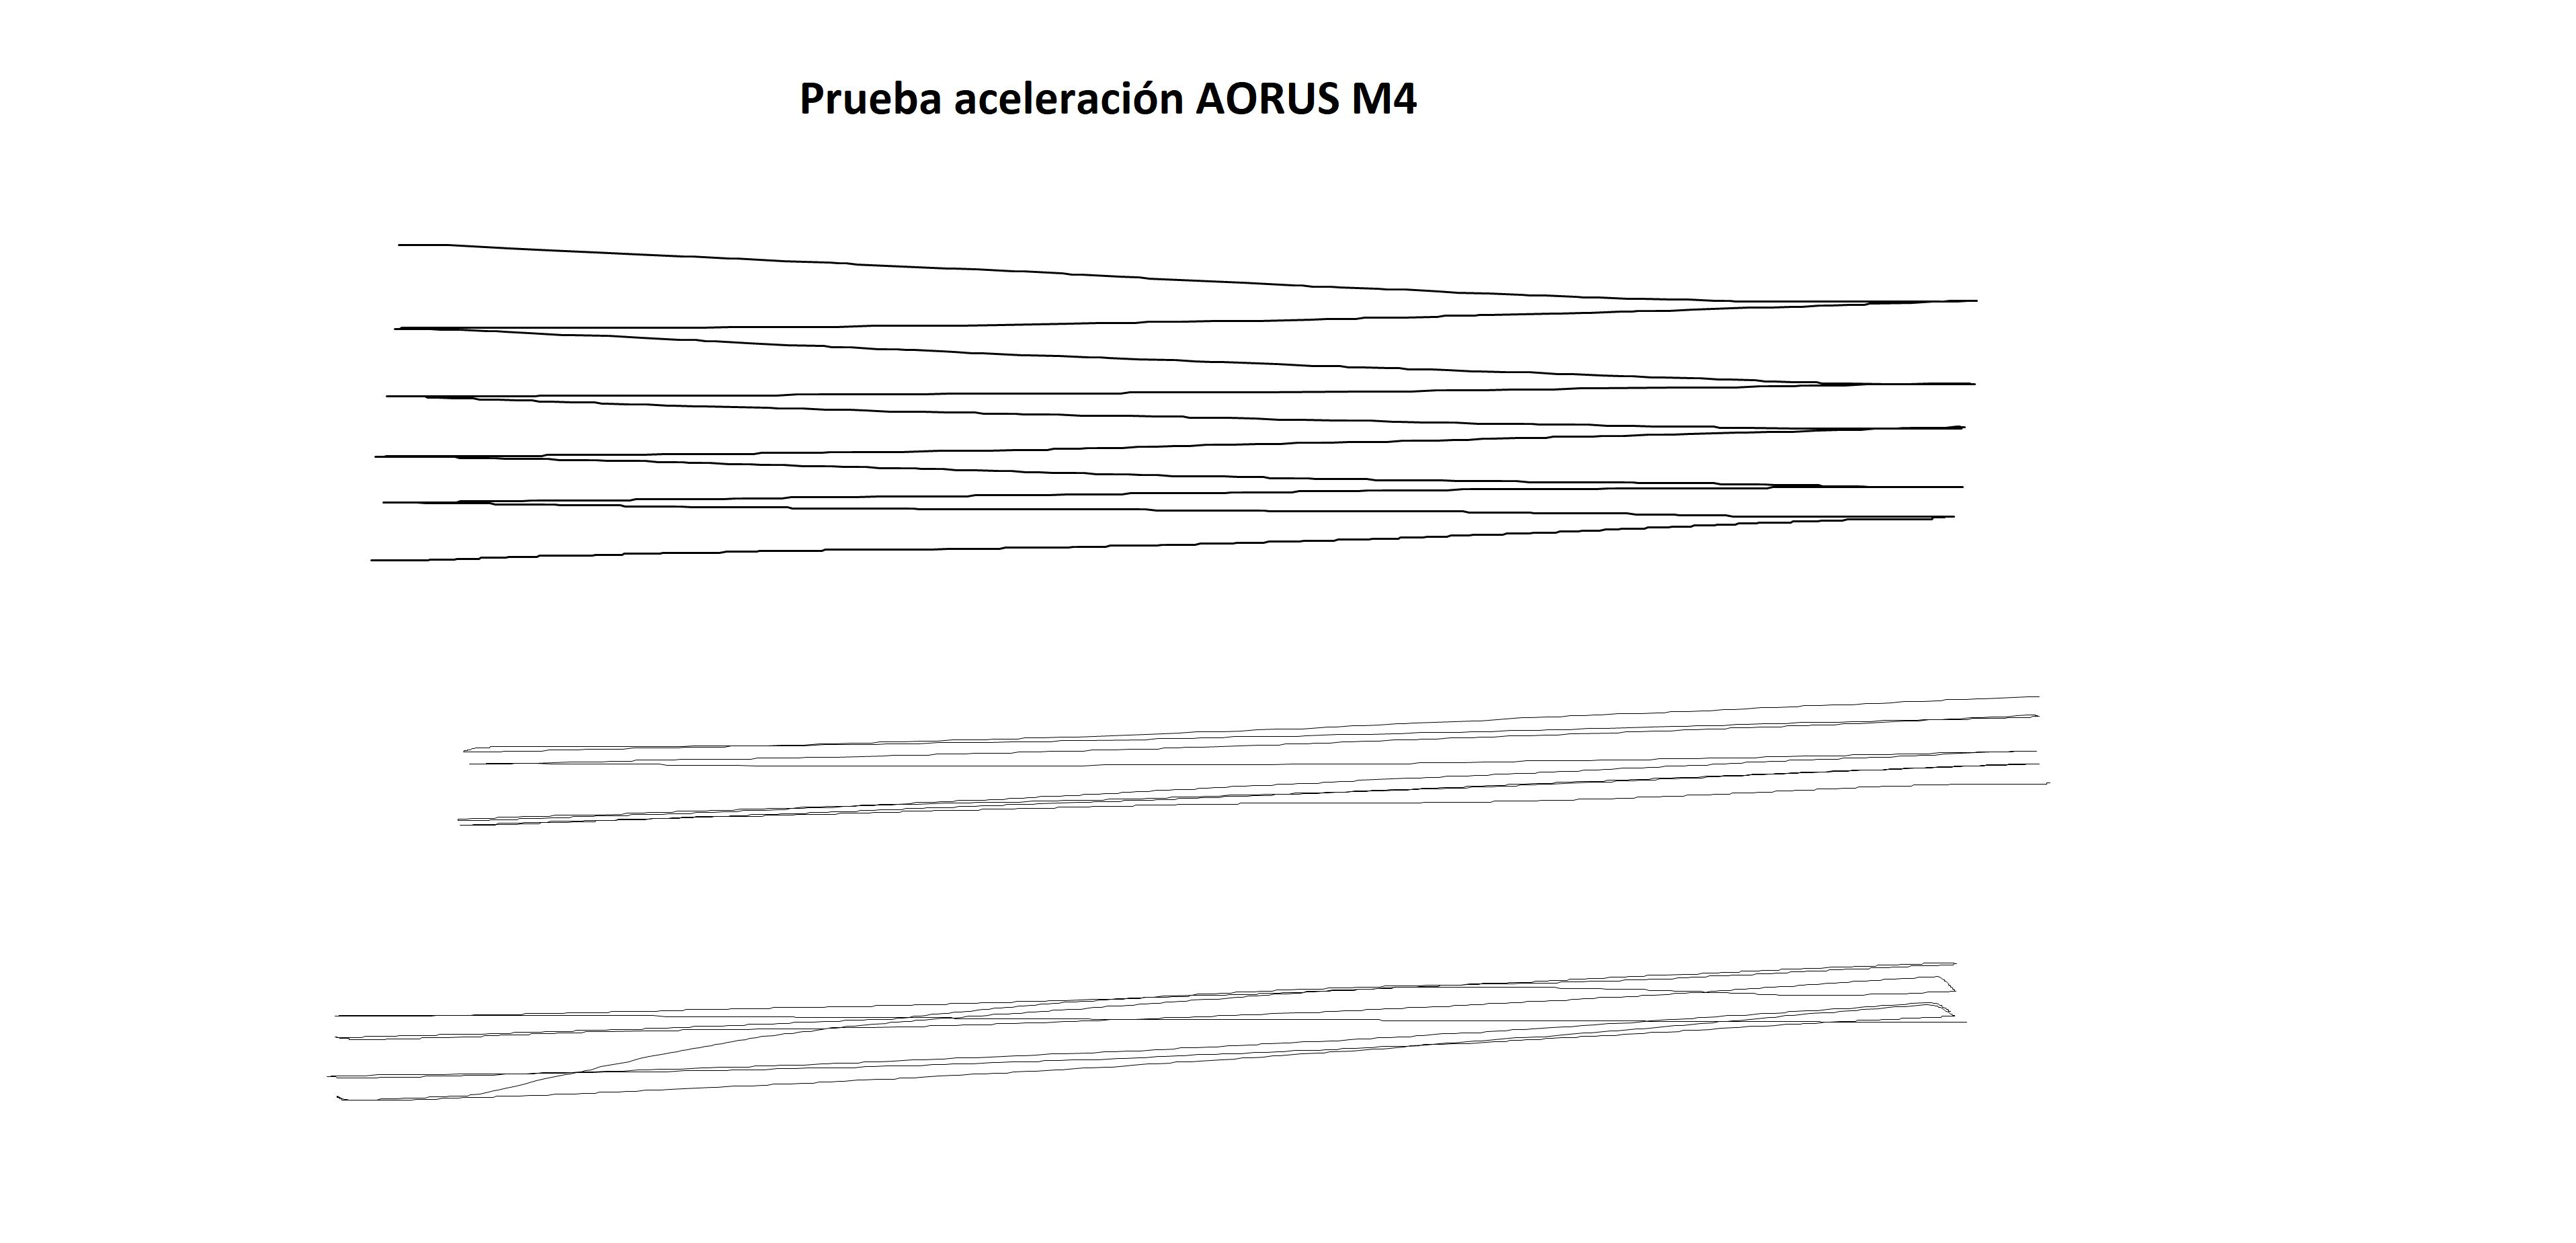 AORUS M4 aceleración